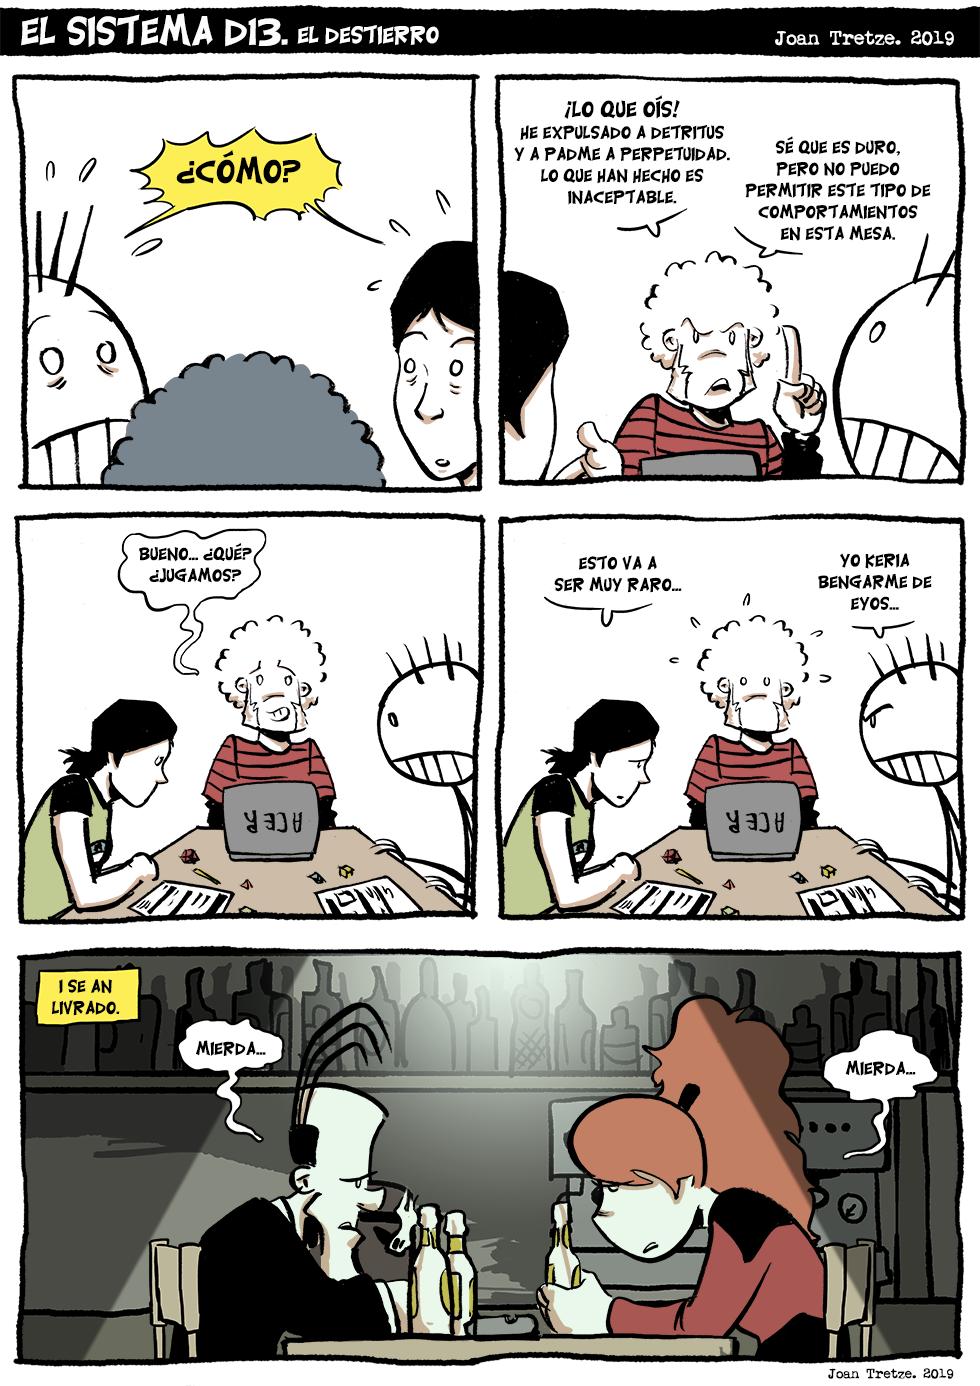 El destierro